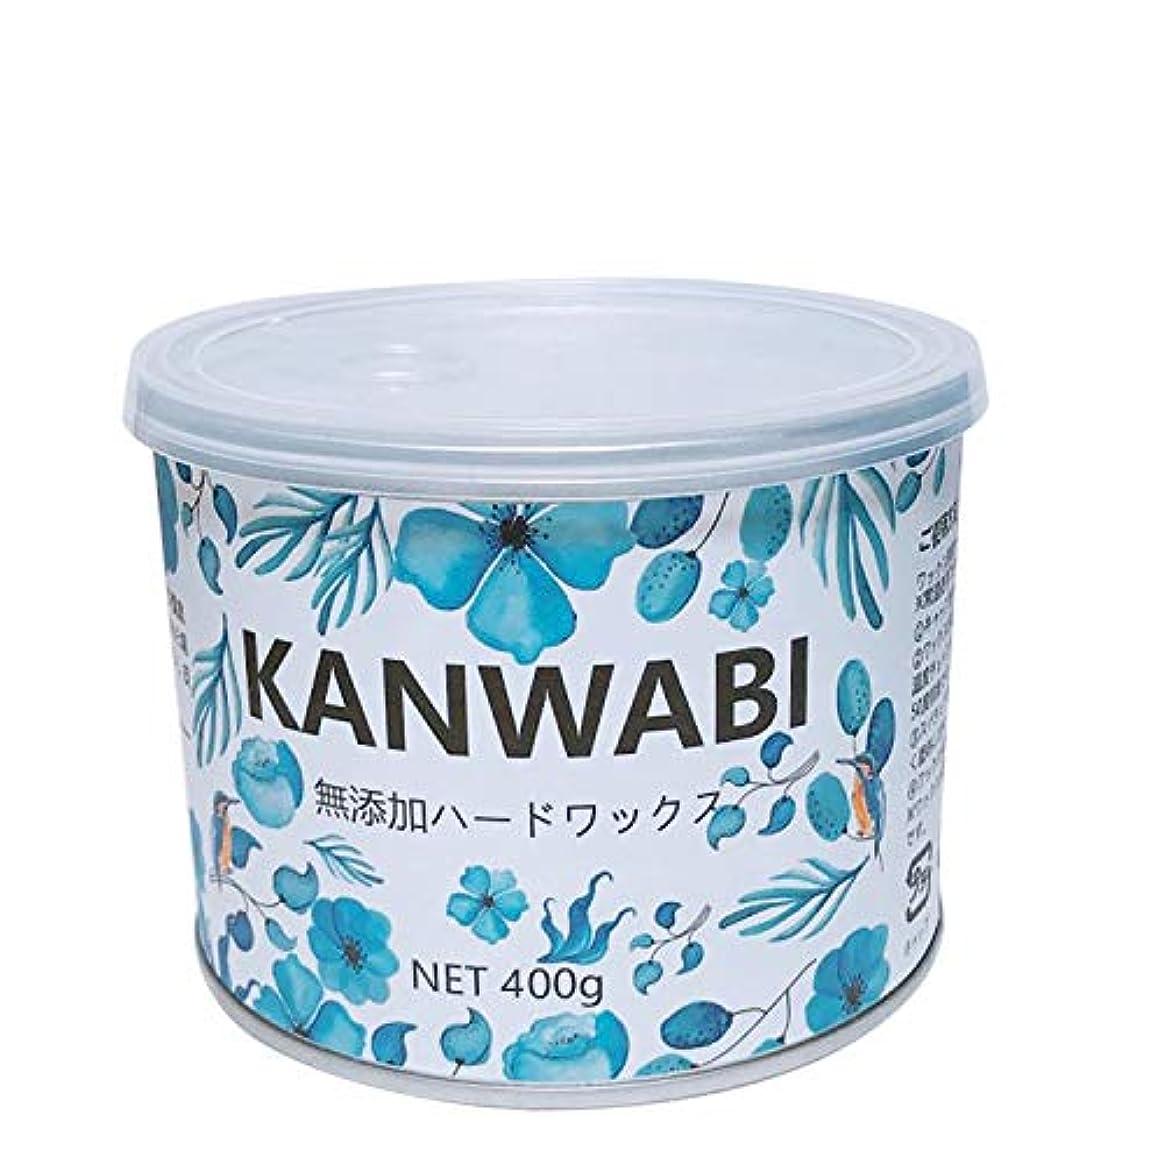 落花生一握り予防接種KANWABI 日本製脱毛ワックス ハードワックス400g